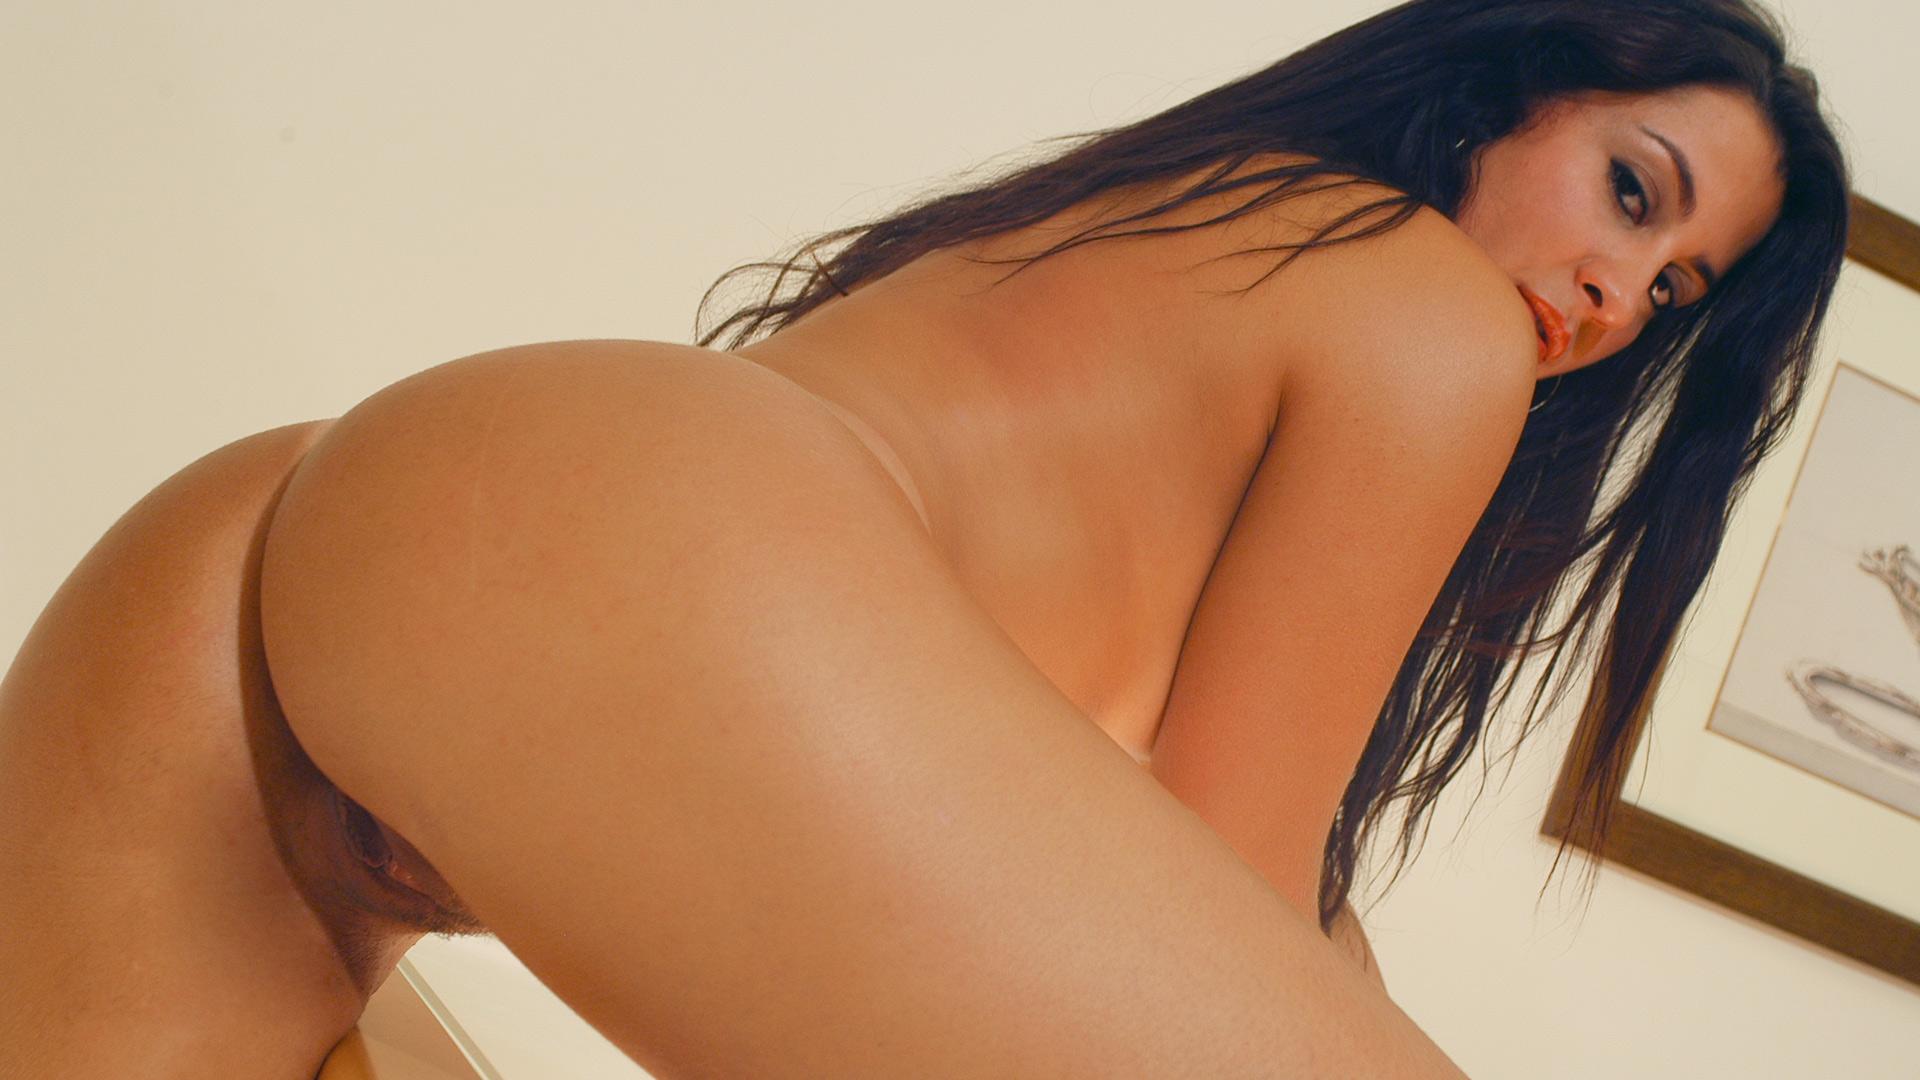 Fotos de sexo de cassie scerbo